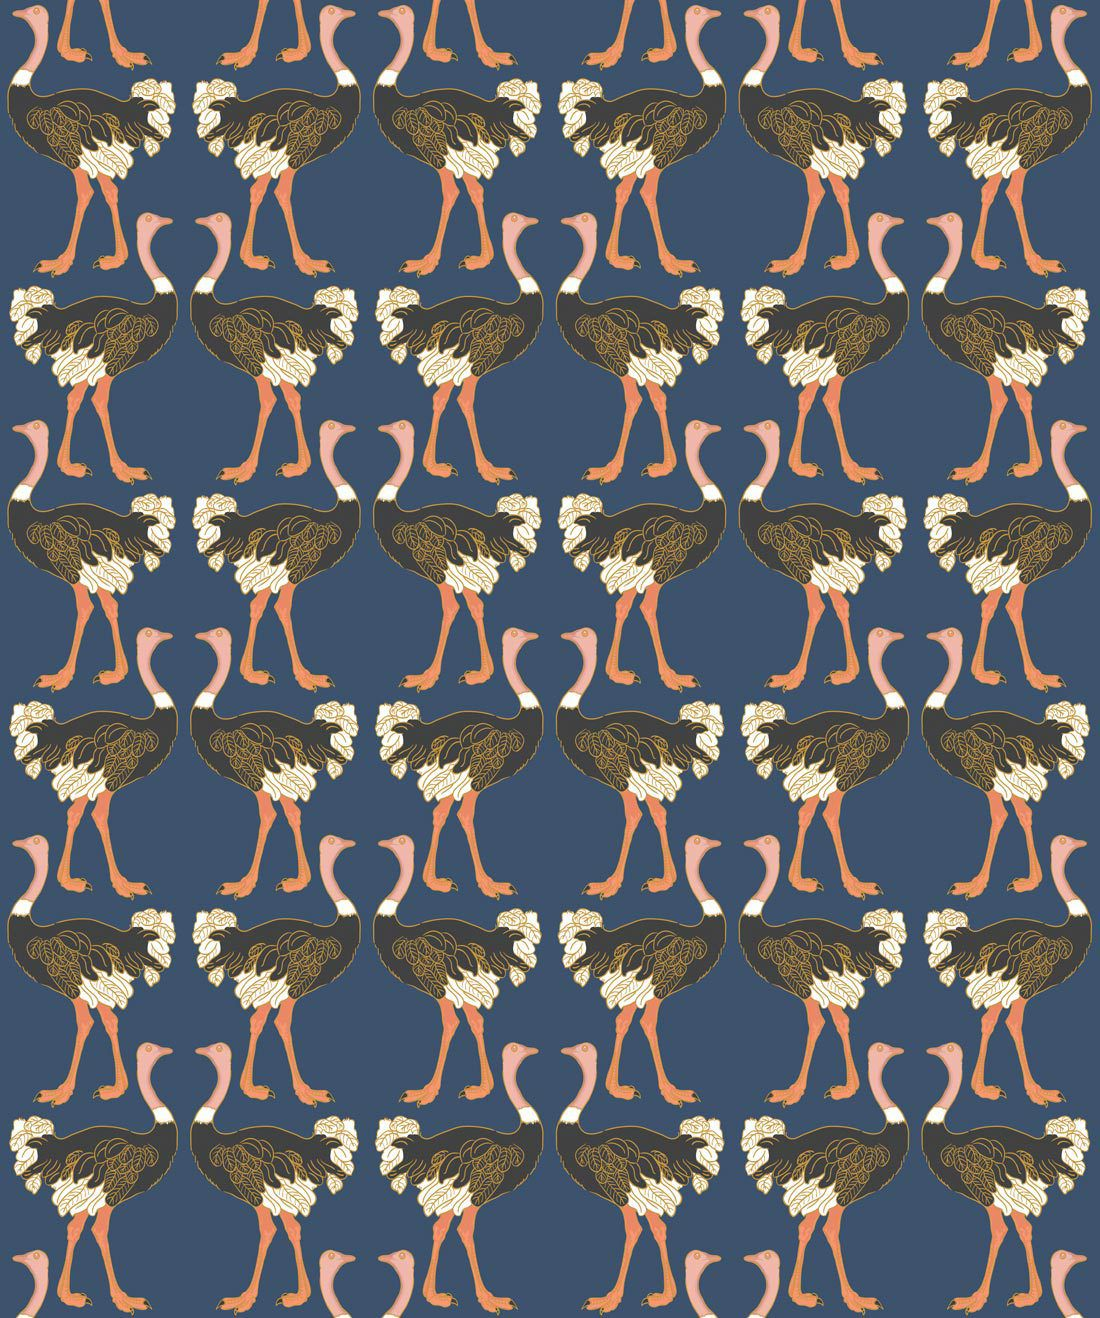 Ostrich Strut Midnight Stroll